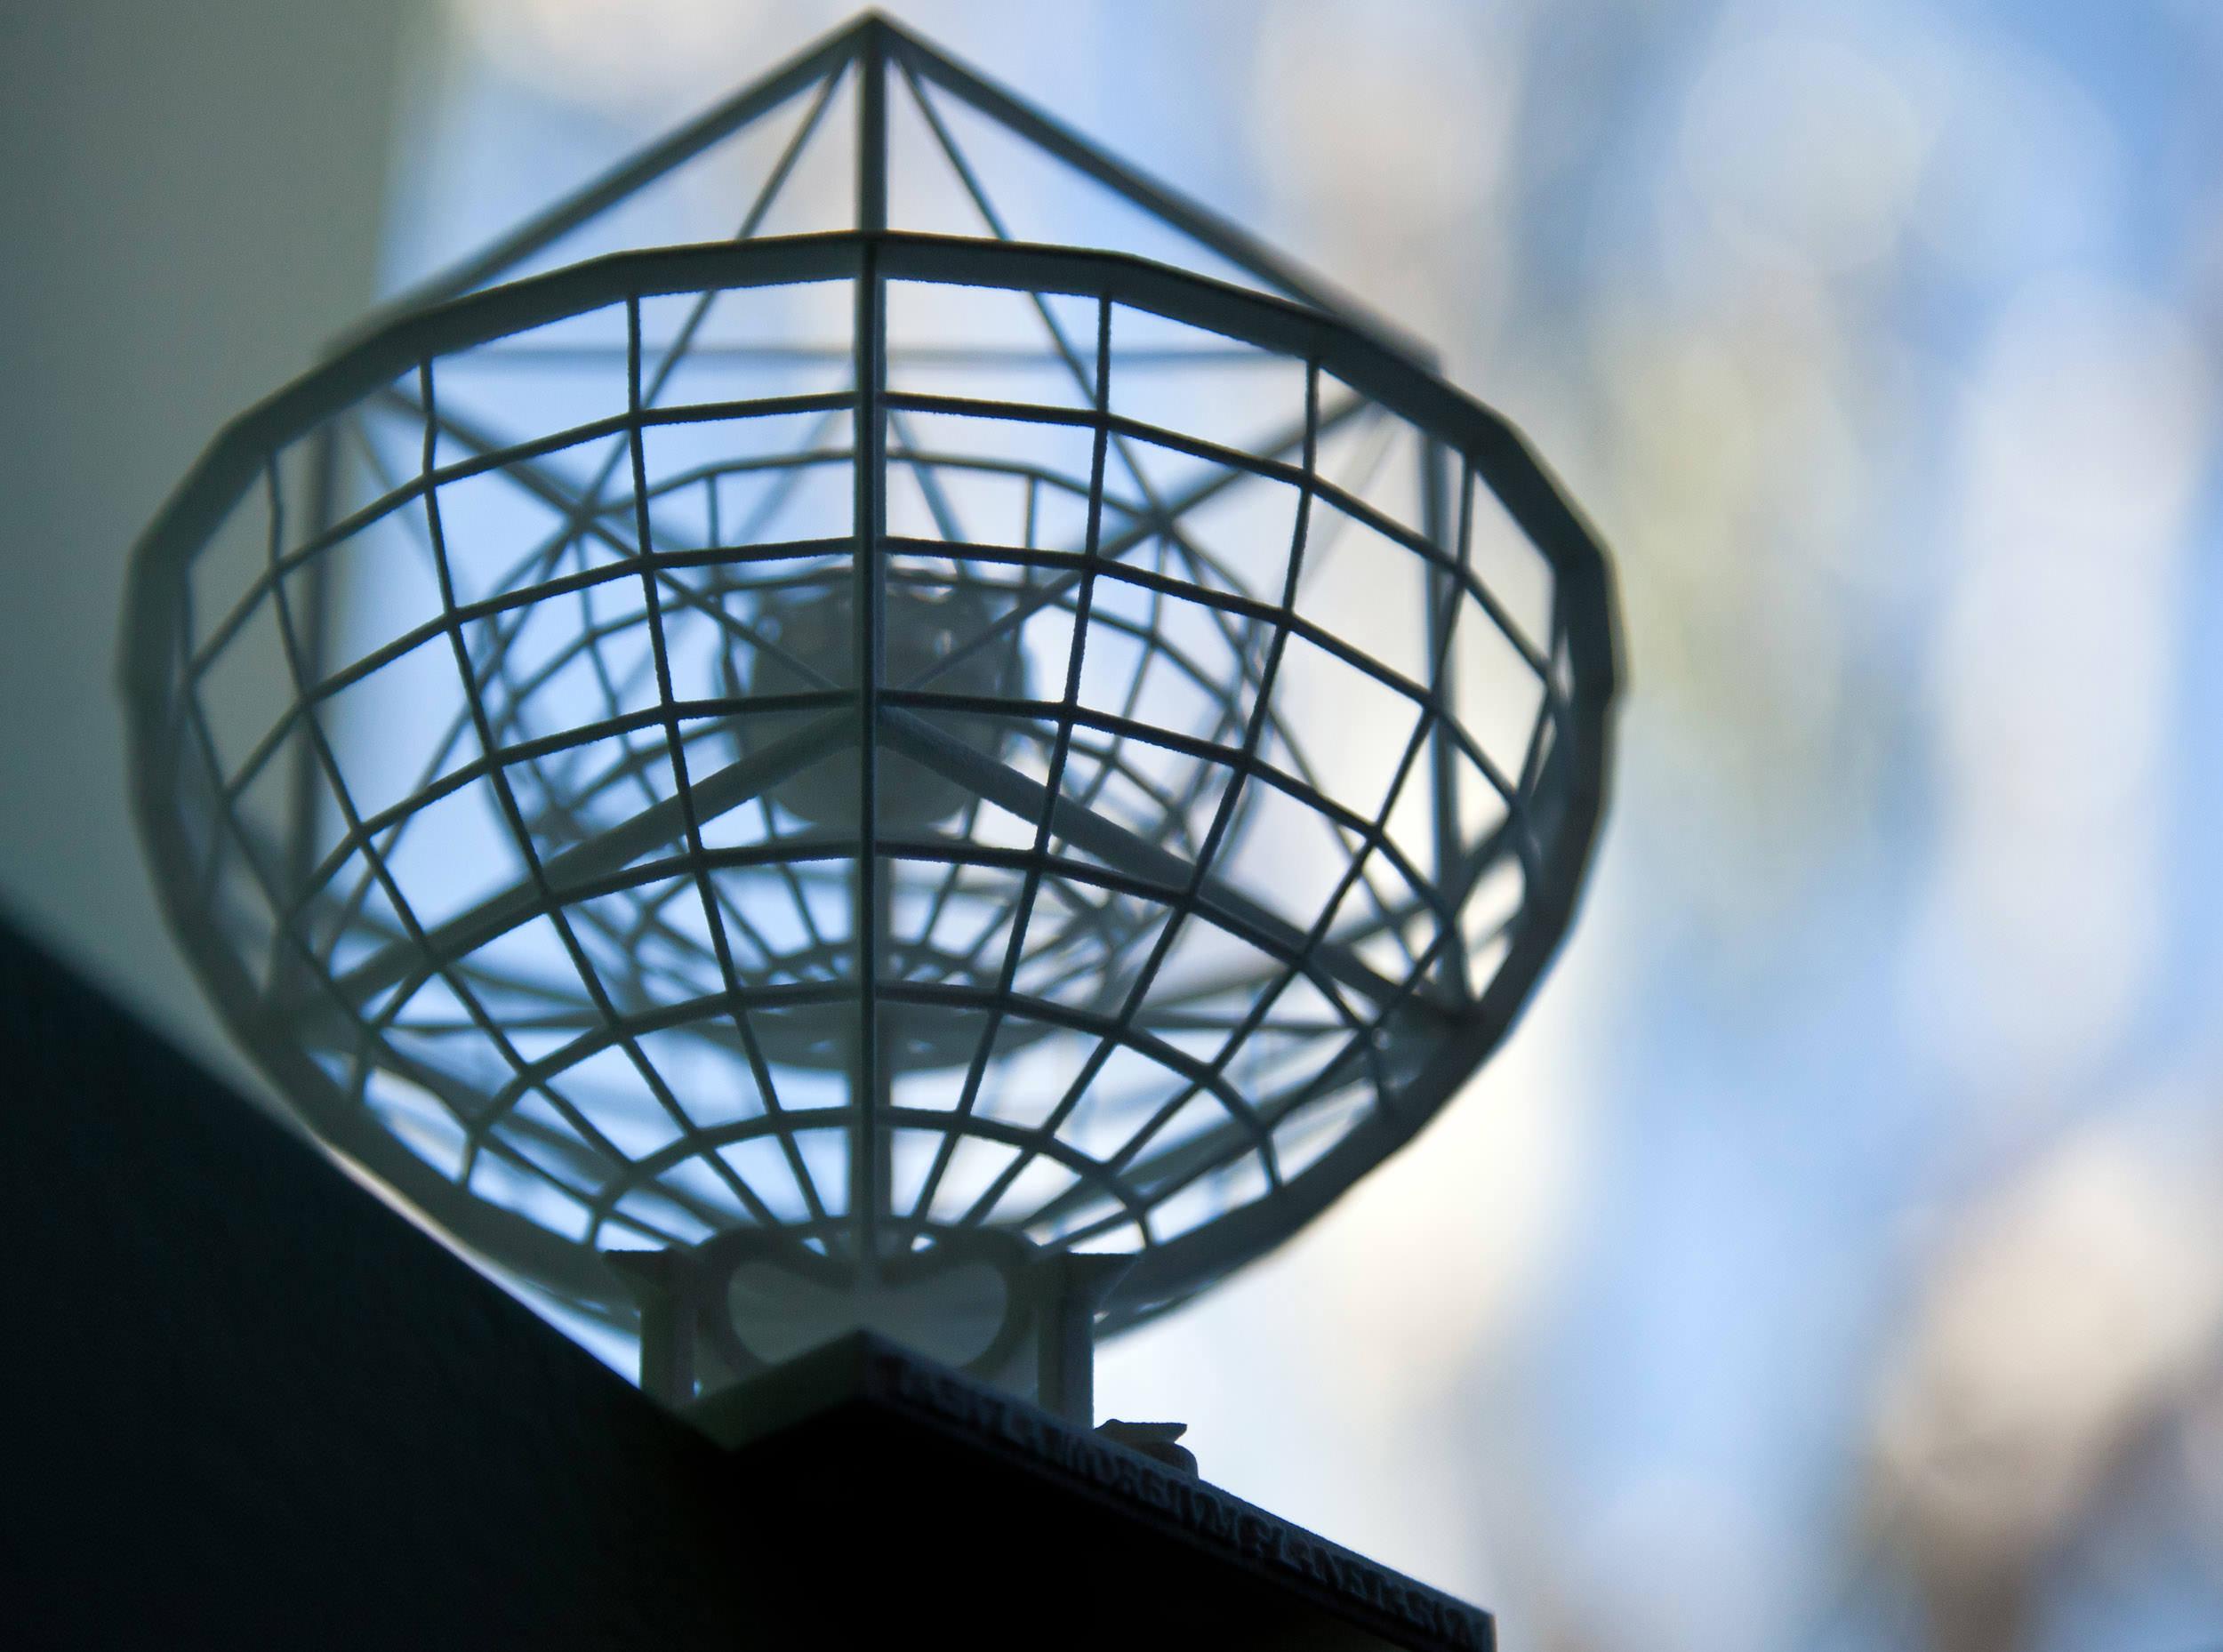 kepler s platonic solids model of the sola    3d model 3d